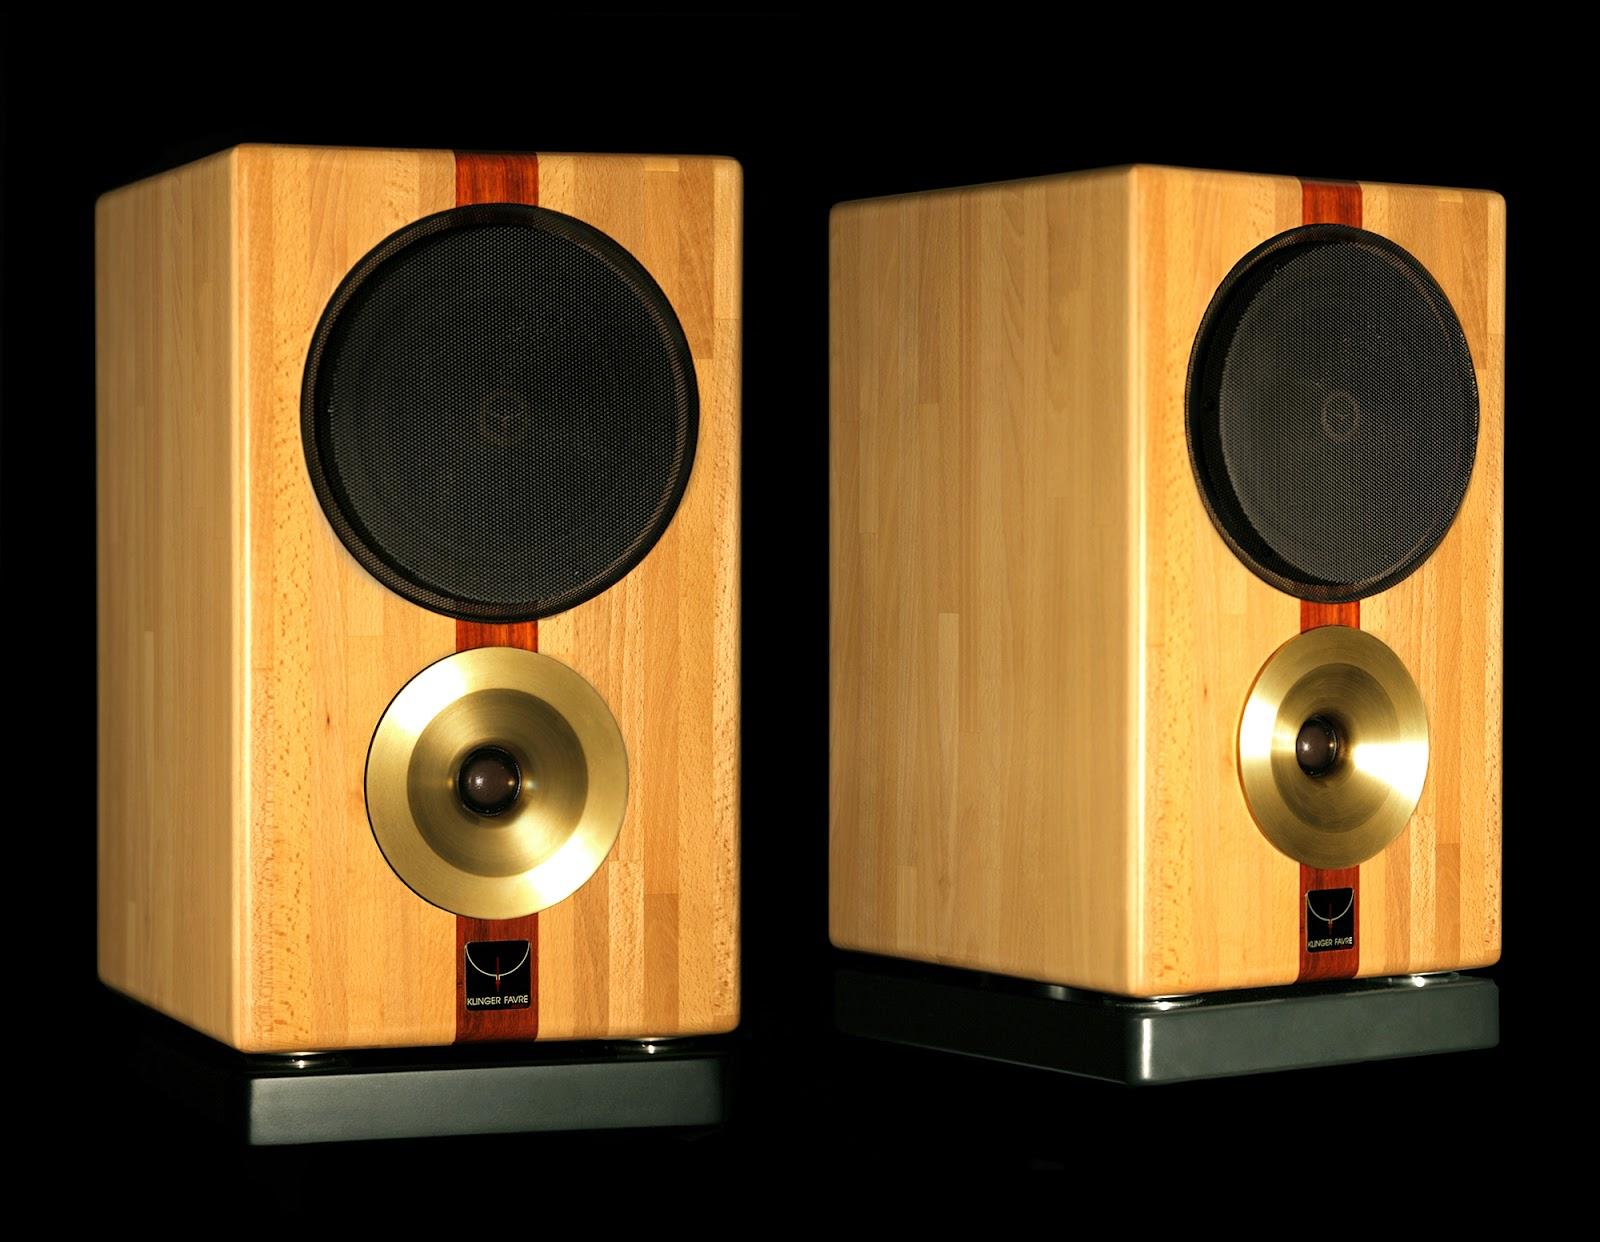 klinger favre audio. Black Bedroom Furniture Sets. Home Design Ideas